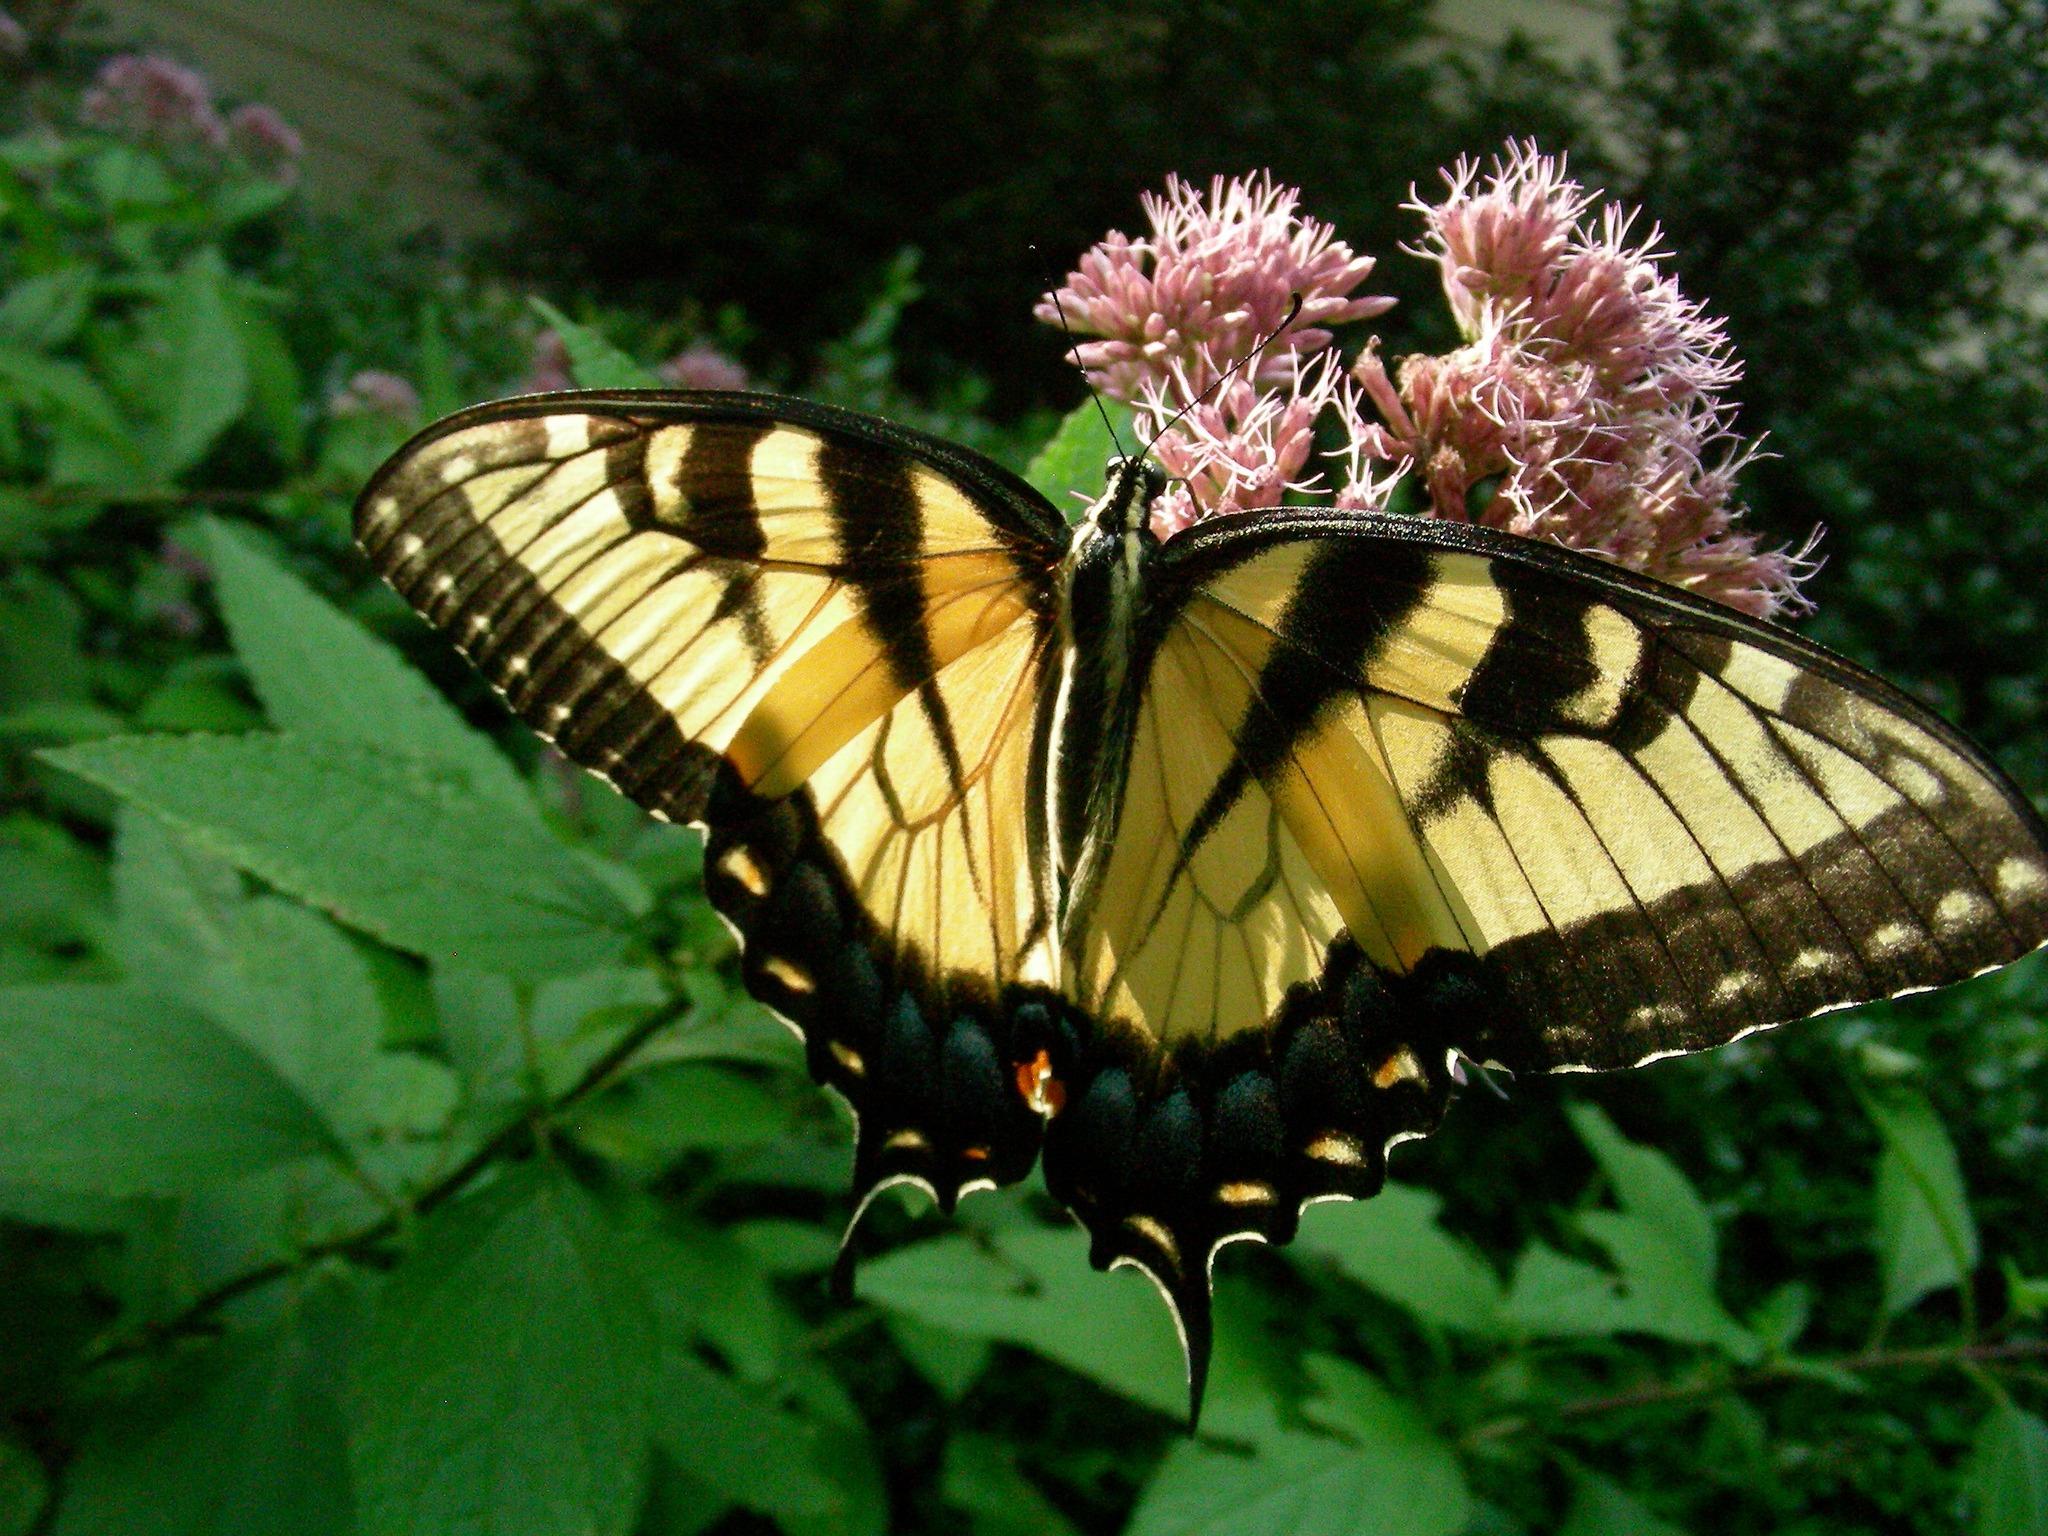 Jardín de bajo mantenimiento: Ideas de diseño para reducir el mantenimiento de jardinería -